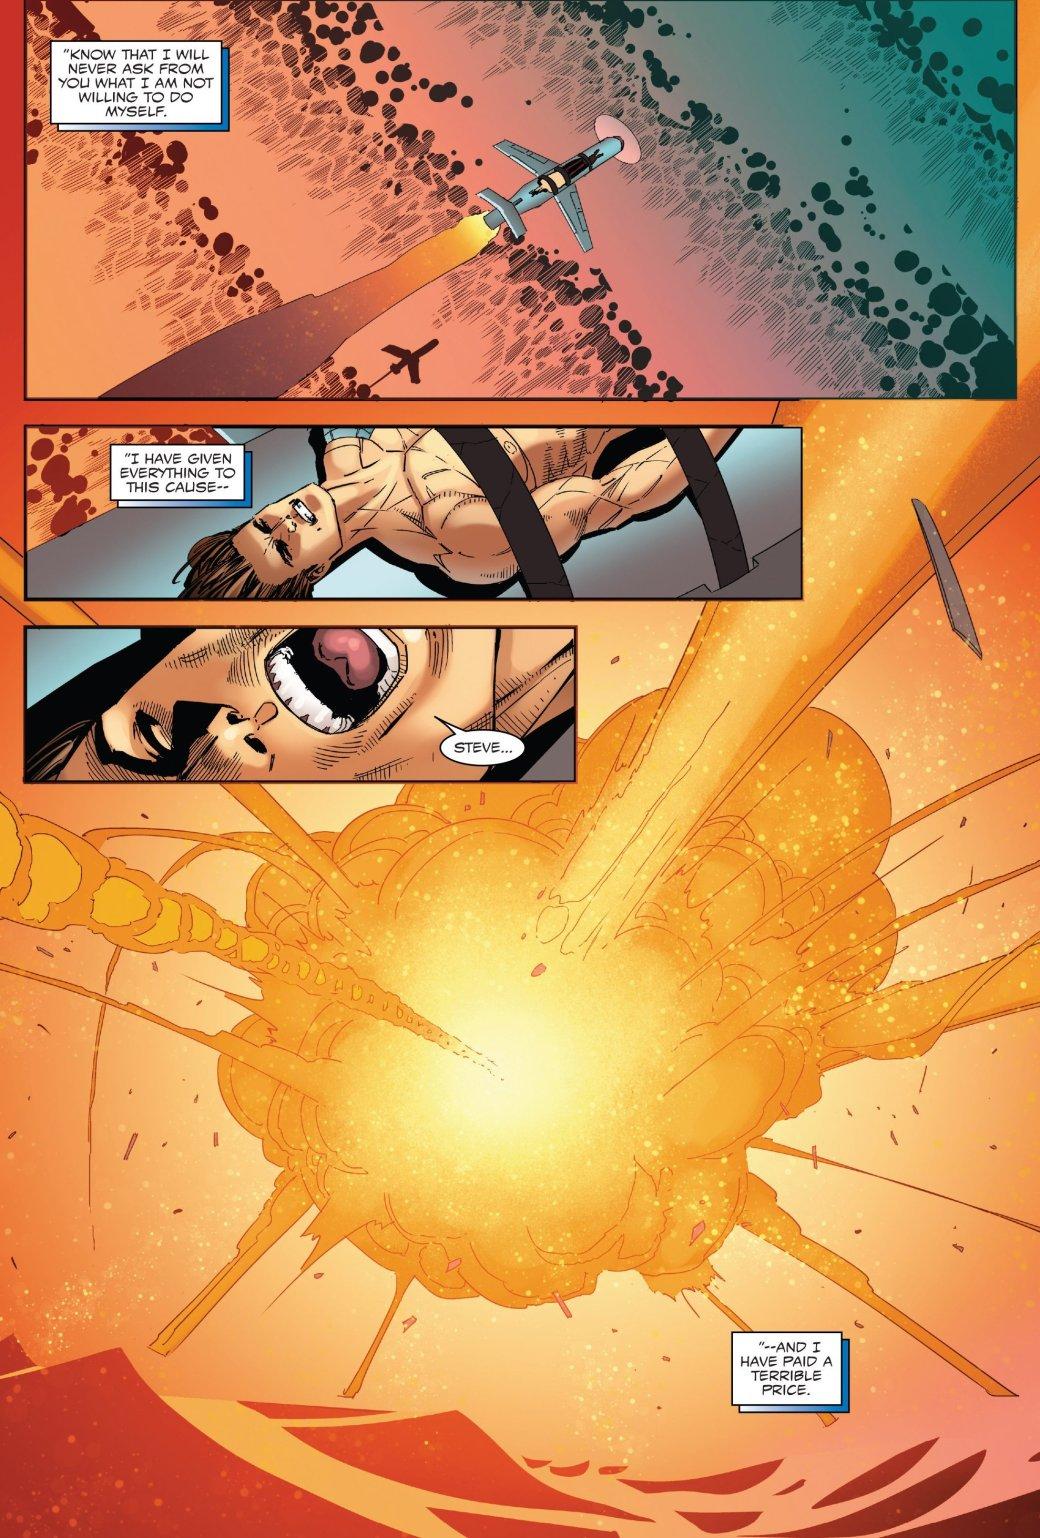 Почему изКапитана Америка получился отличный суперзлодей? | Канобу - Изображение 11